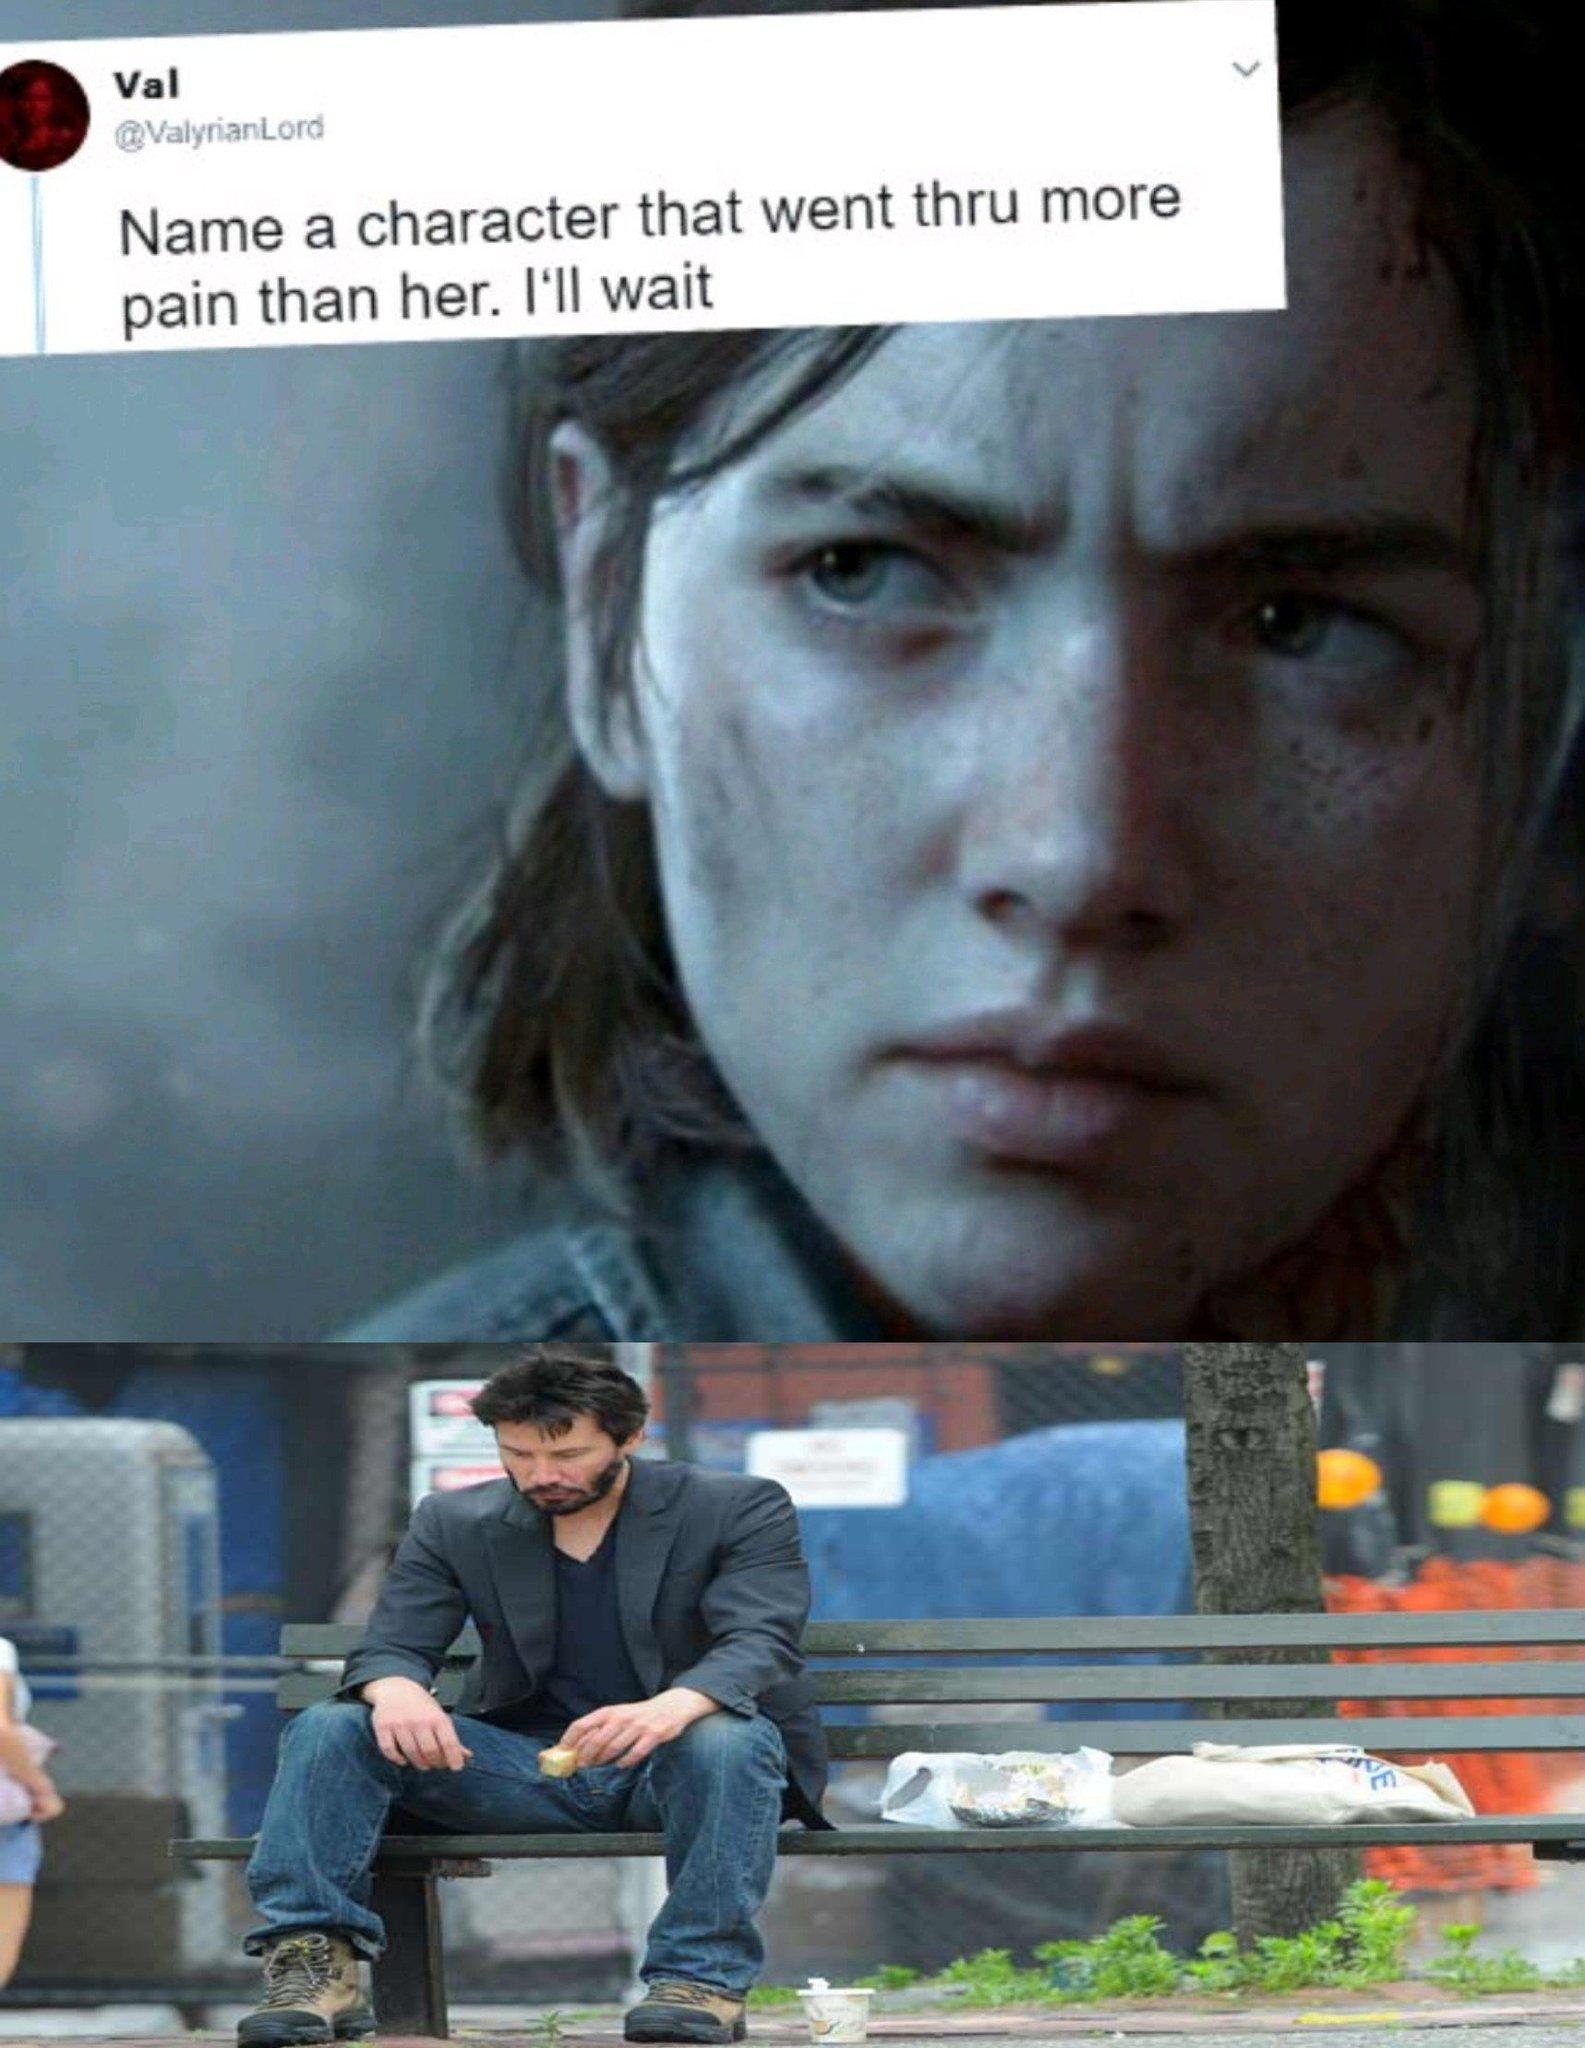 Me puse sad cuando hice el edit - meme